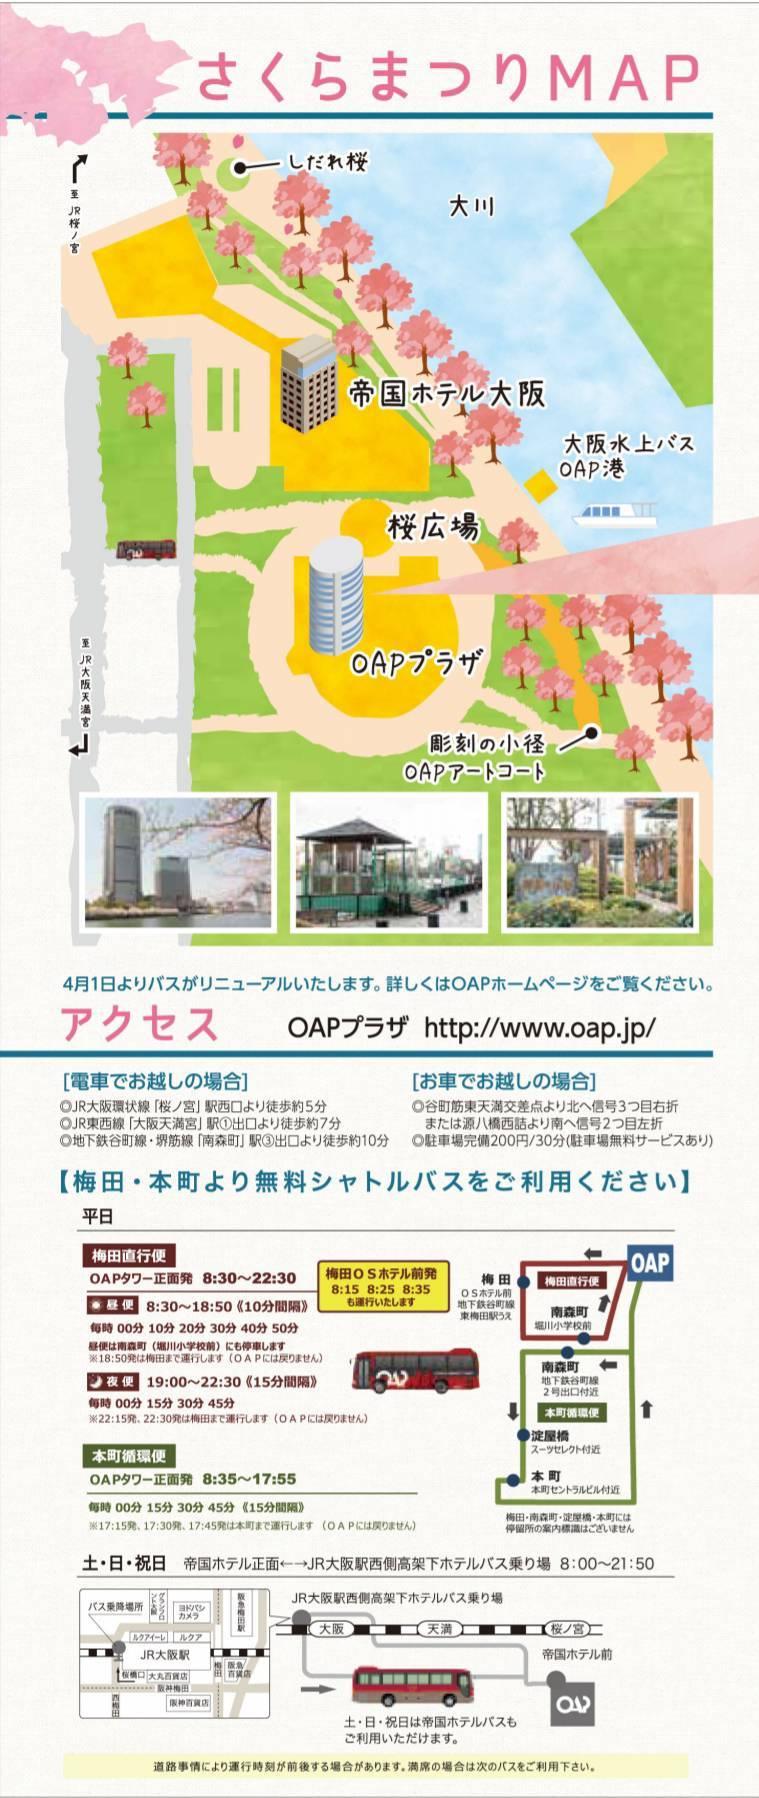 4月8日土曜日OPA桜祭りにて、石見神楽大阪社中の公演あります!_c0180209_22521698.jpeg